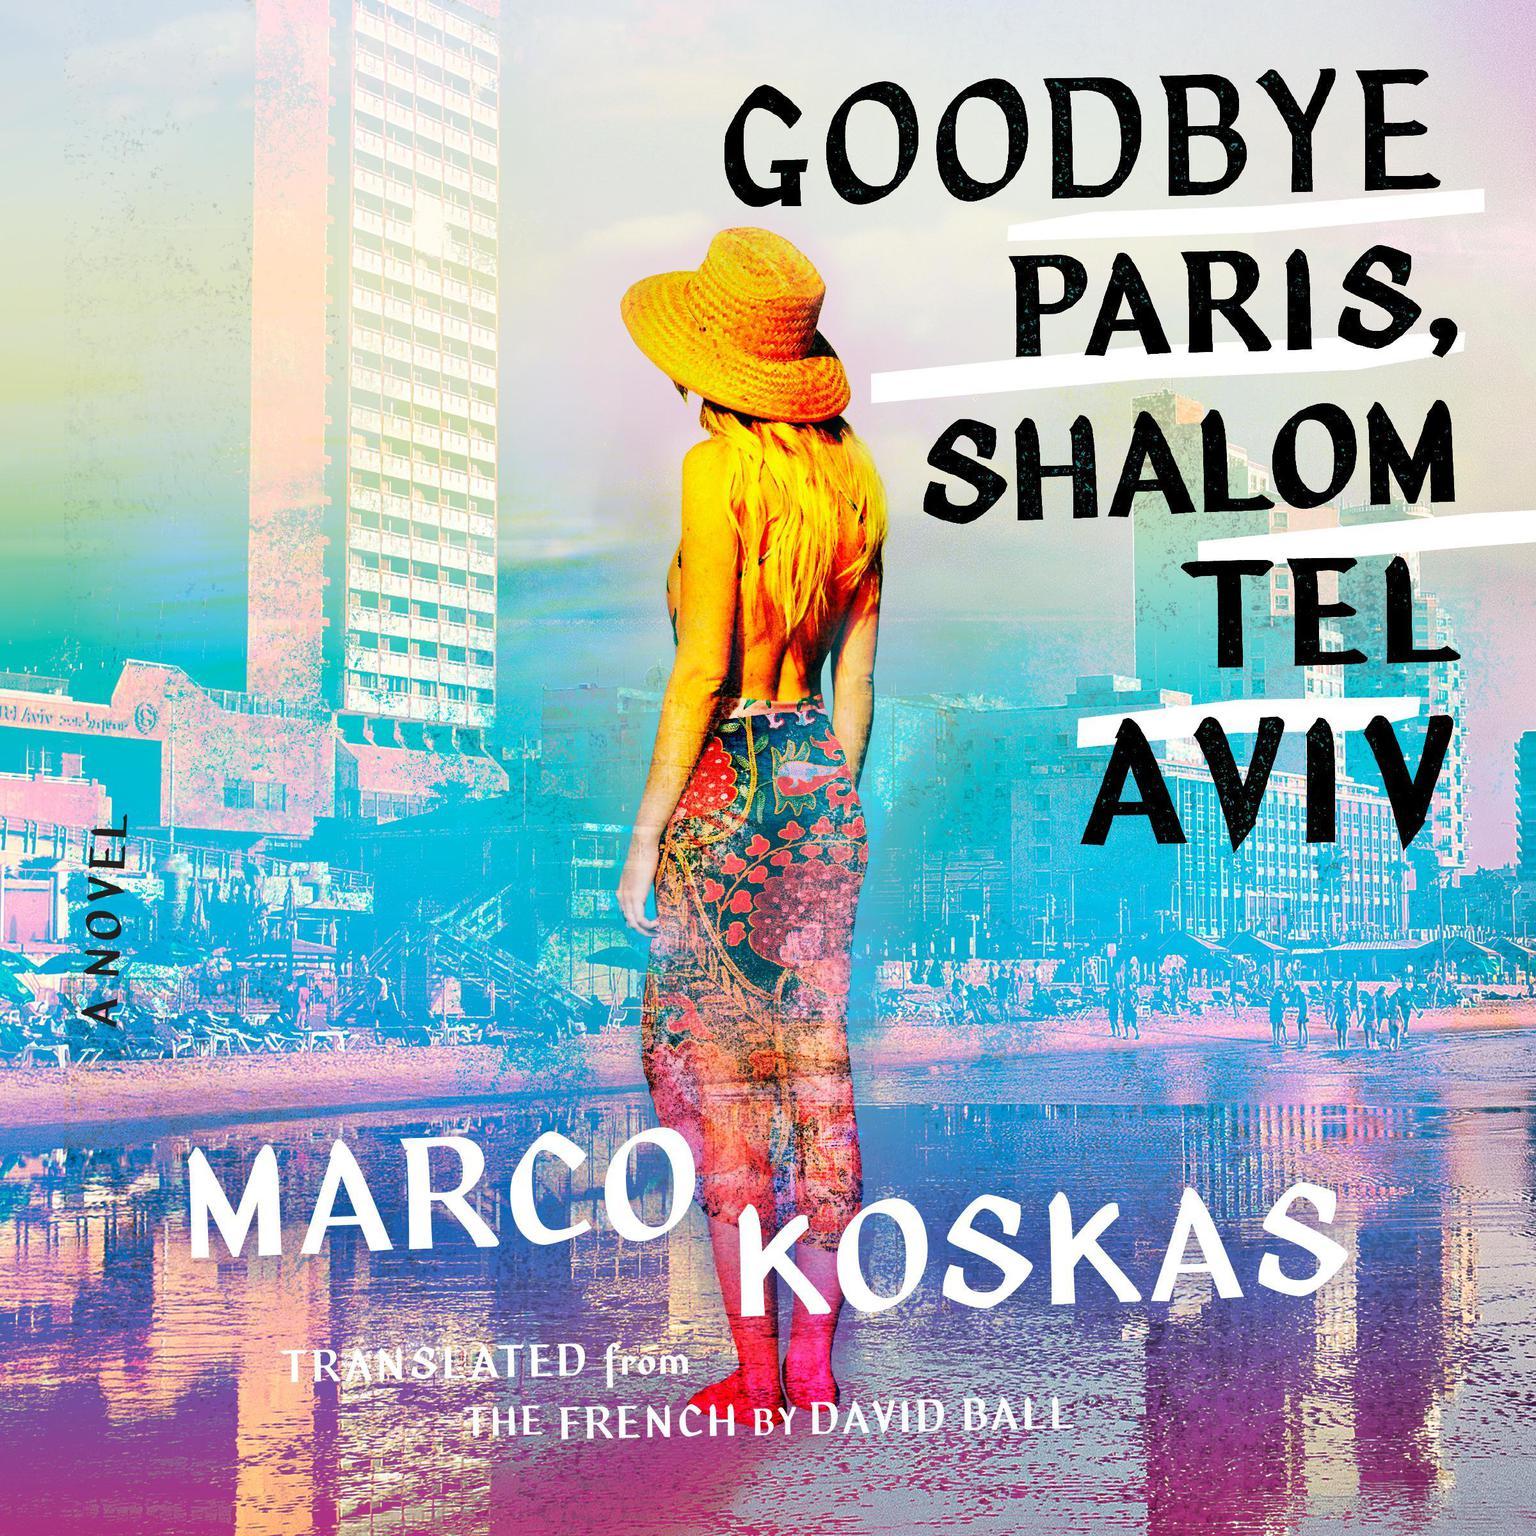 Goodbye Paris, Shalom Tel Aviv: A Novel Audiobook, by David Ball